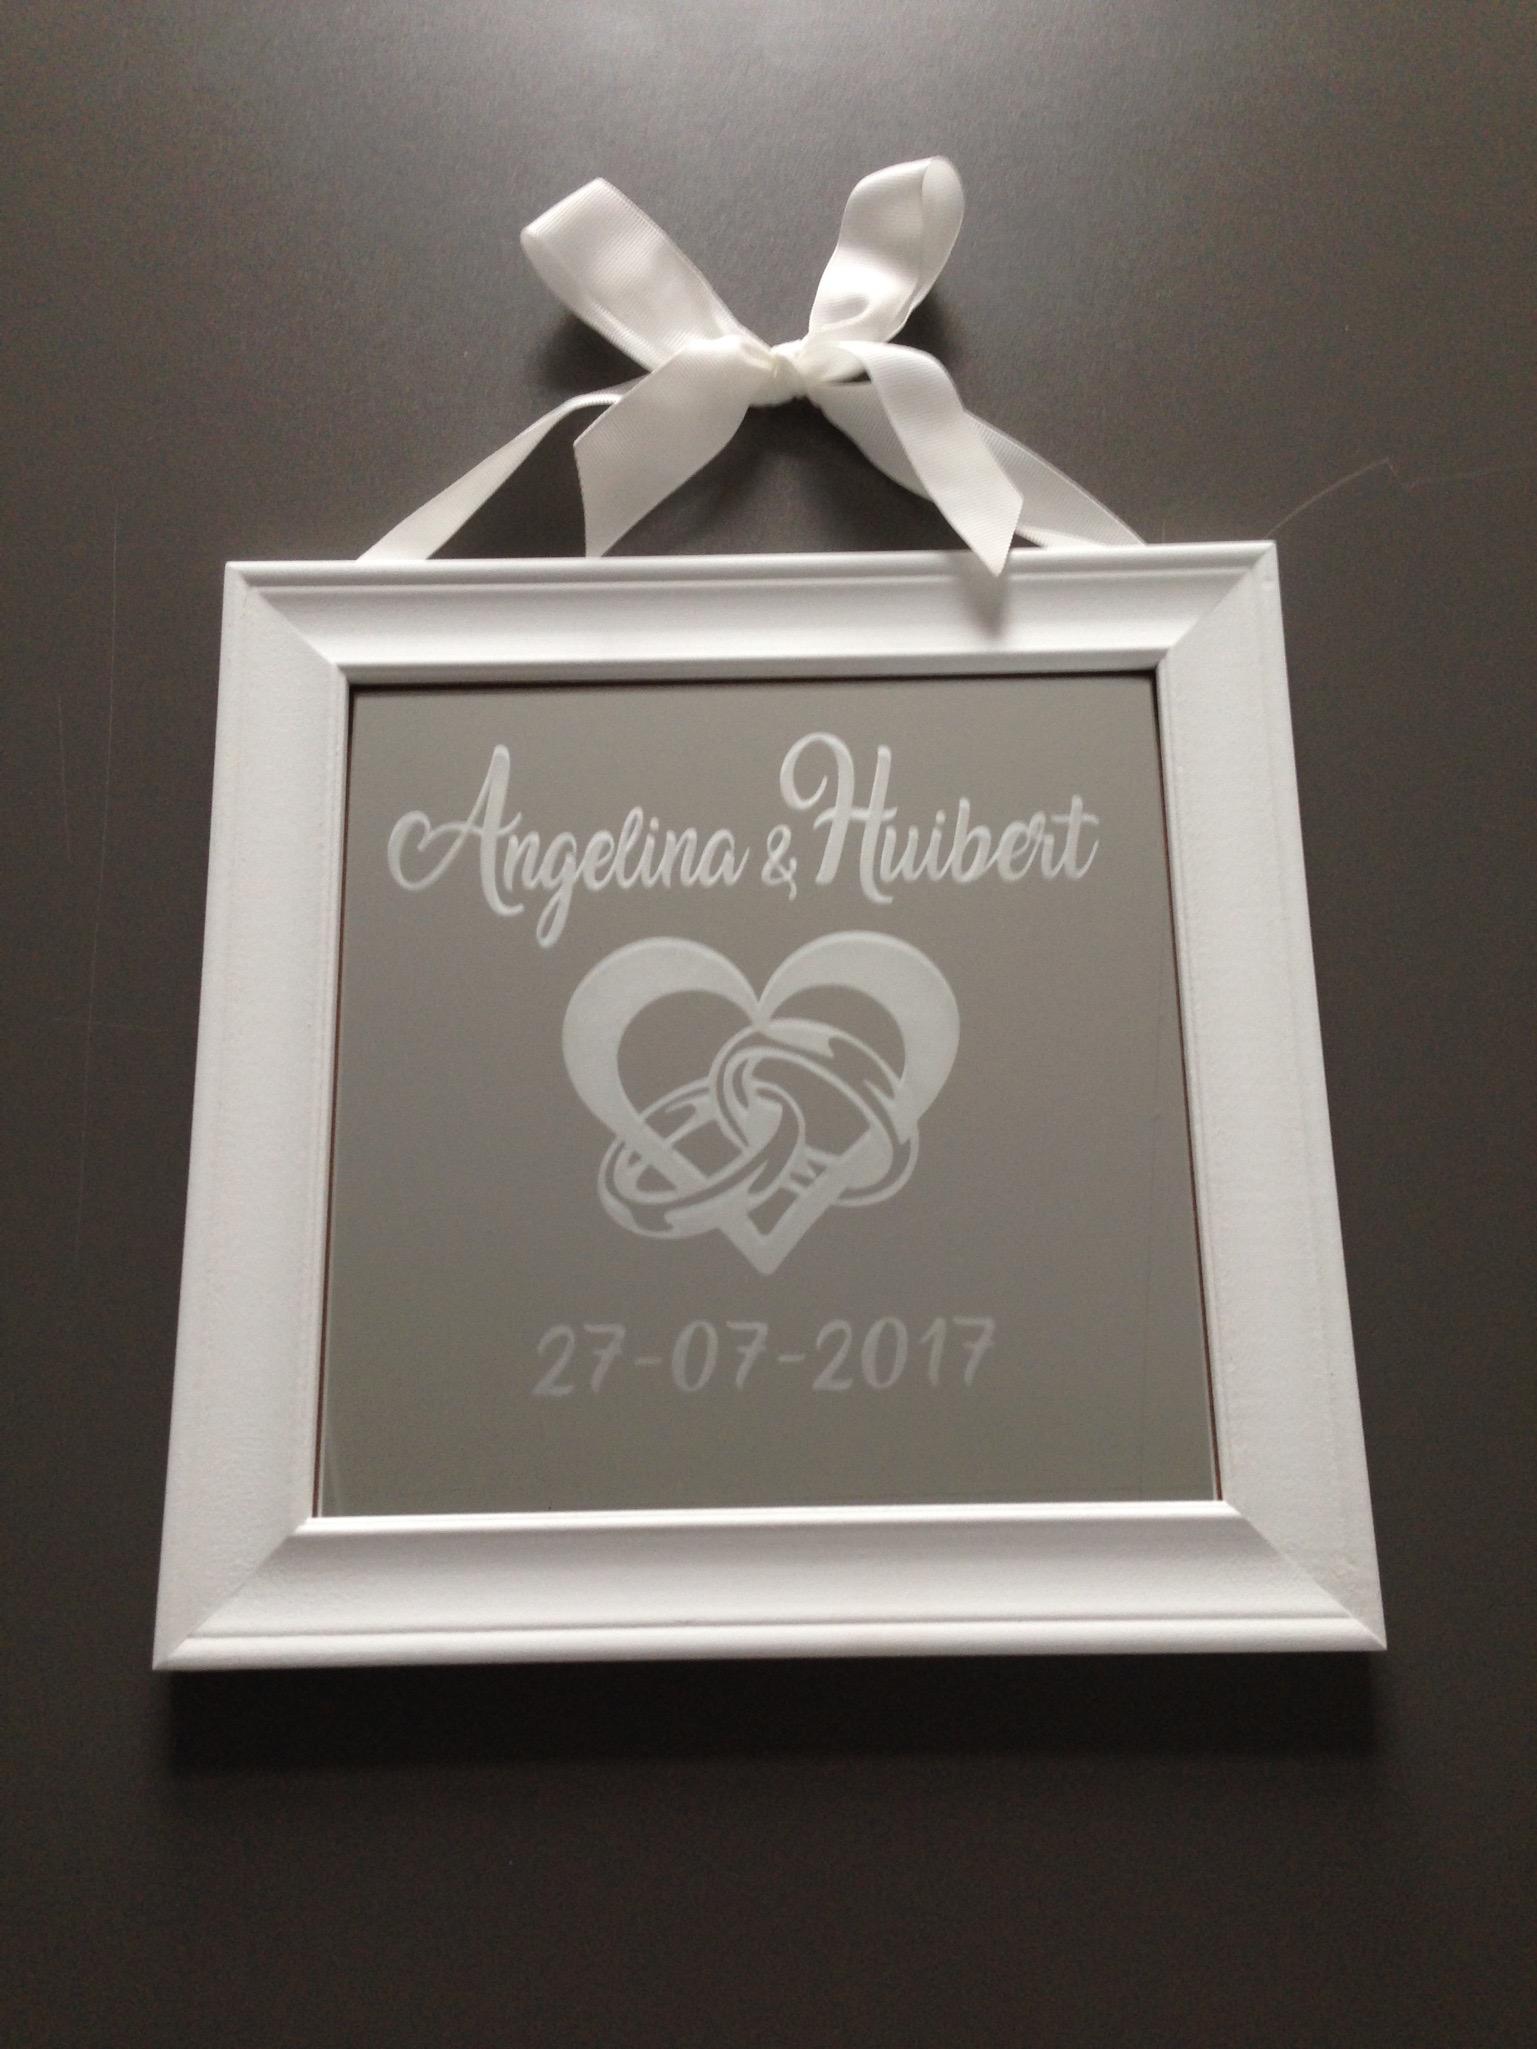 Genoeg Huwelijk | Babett | Gespecialiseerd in gepersonaliseerde cadeaus #YM-73